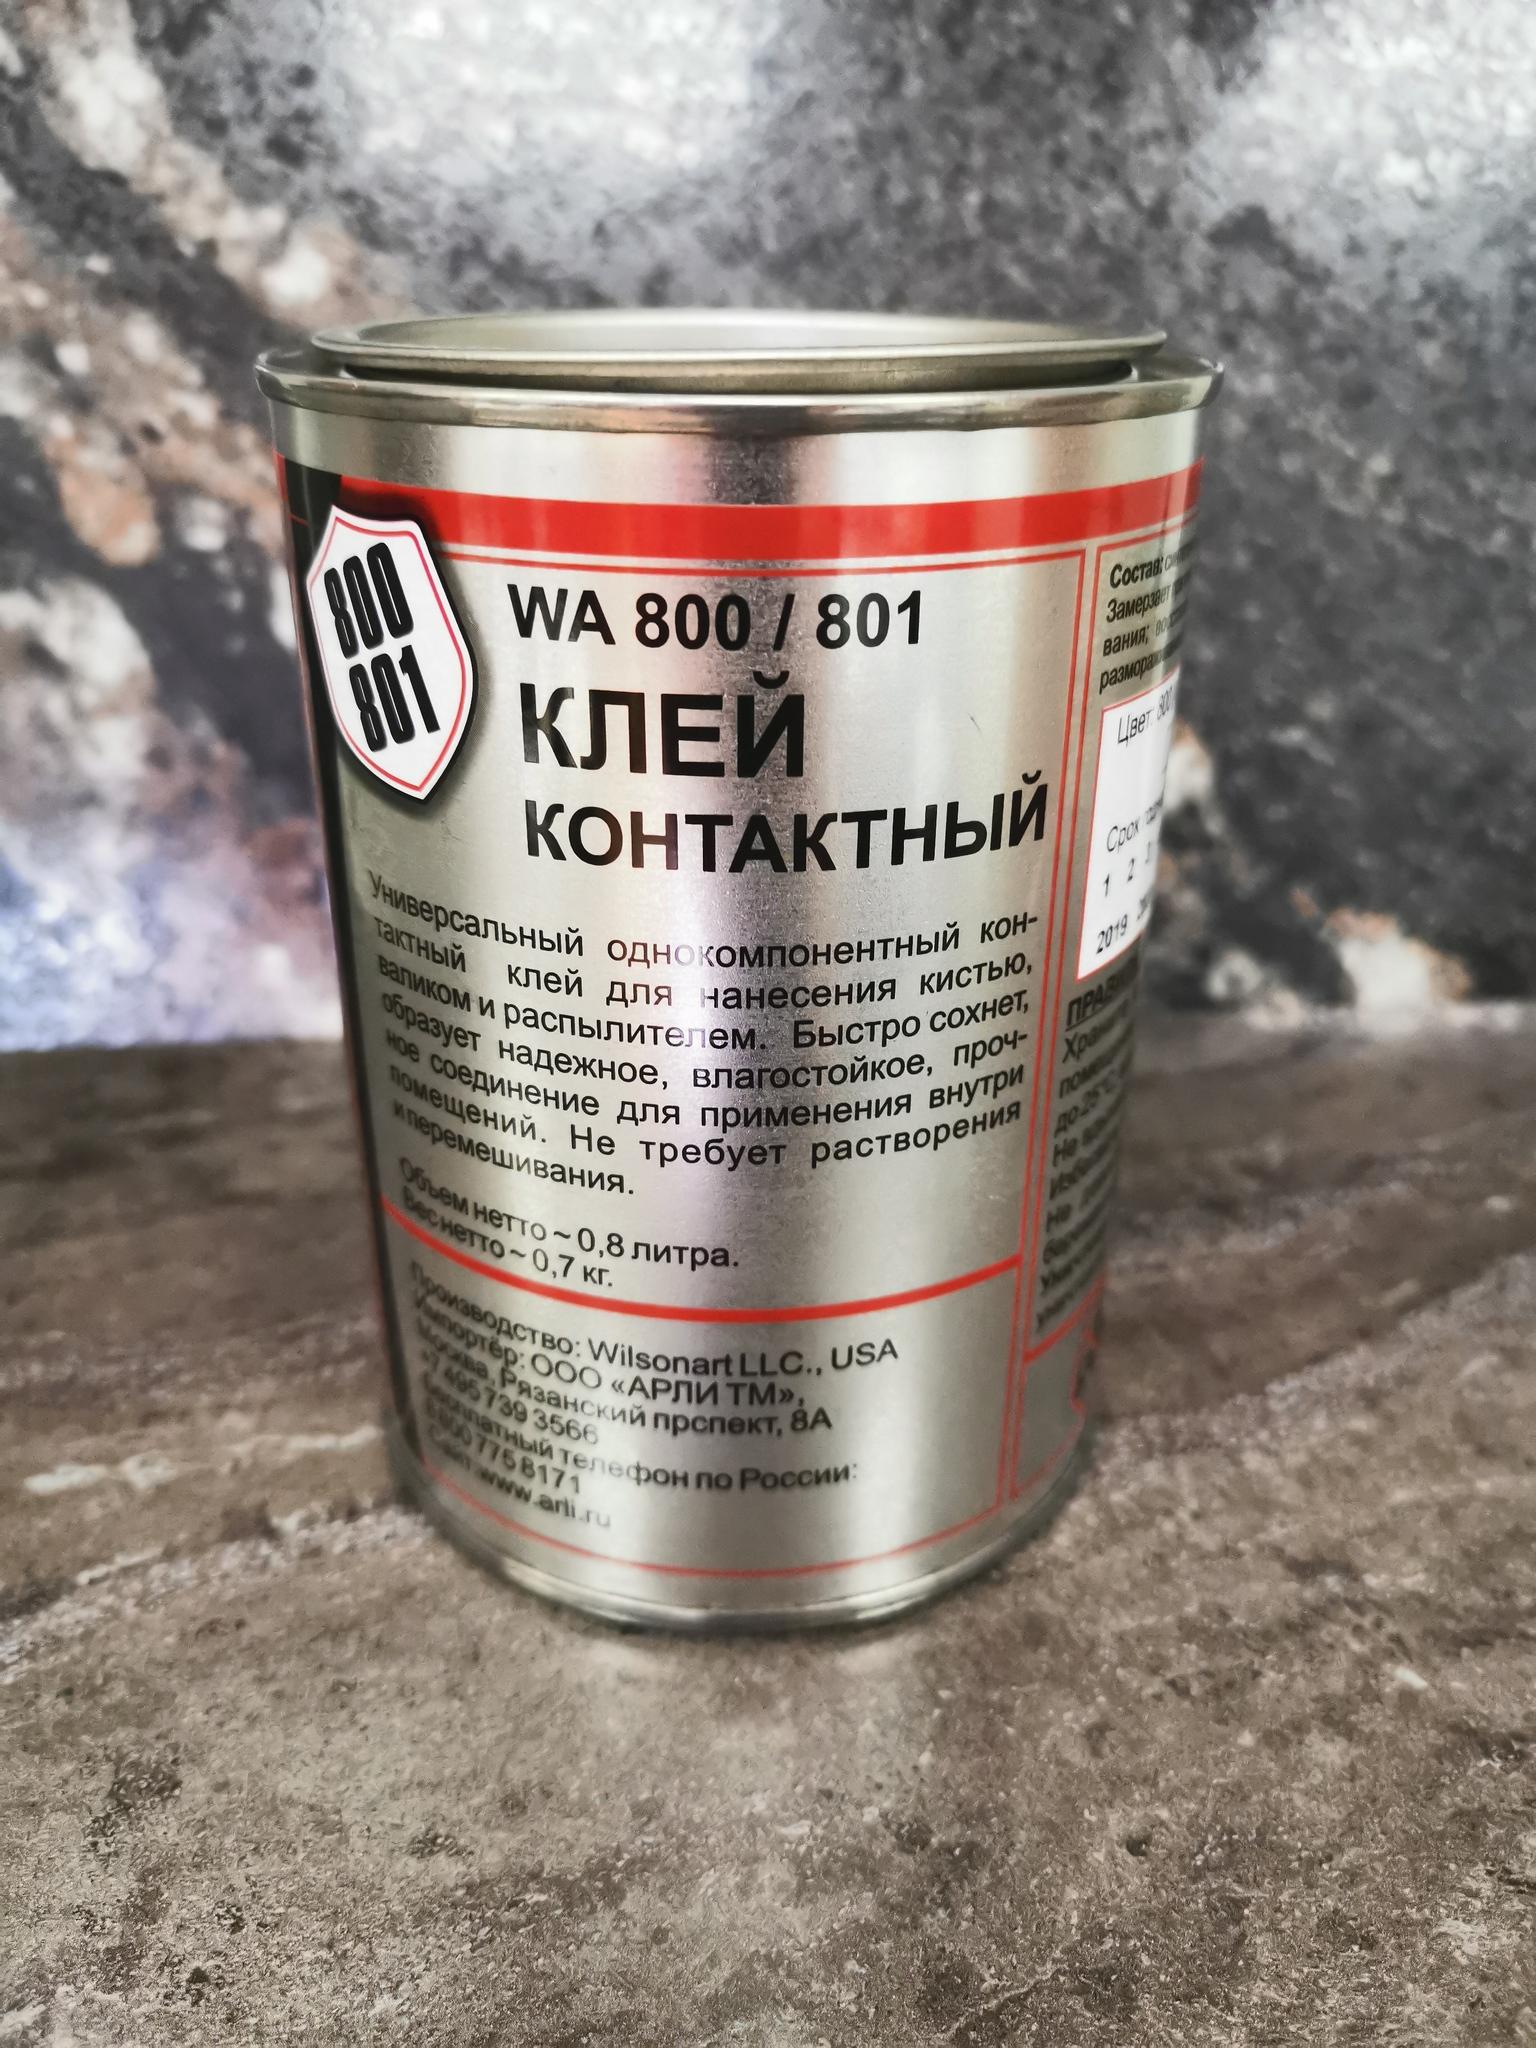 WA 801 Новая экономичная упаковка 0.8л